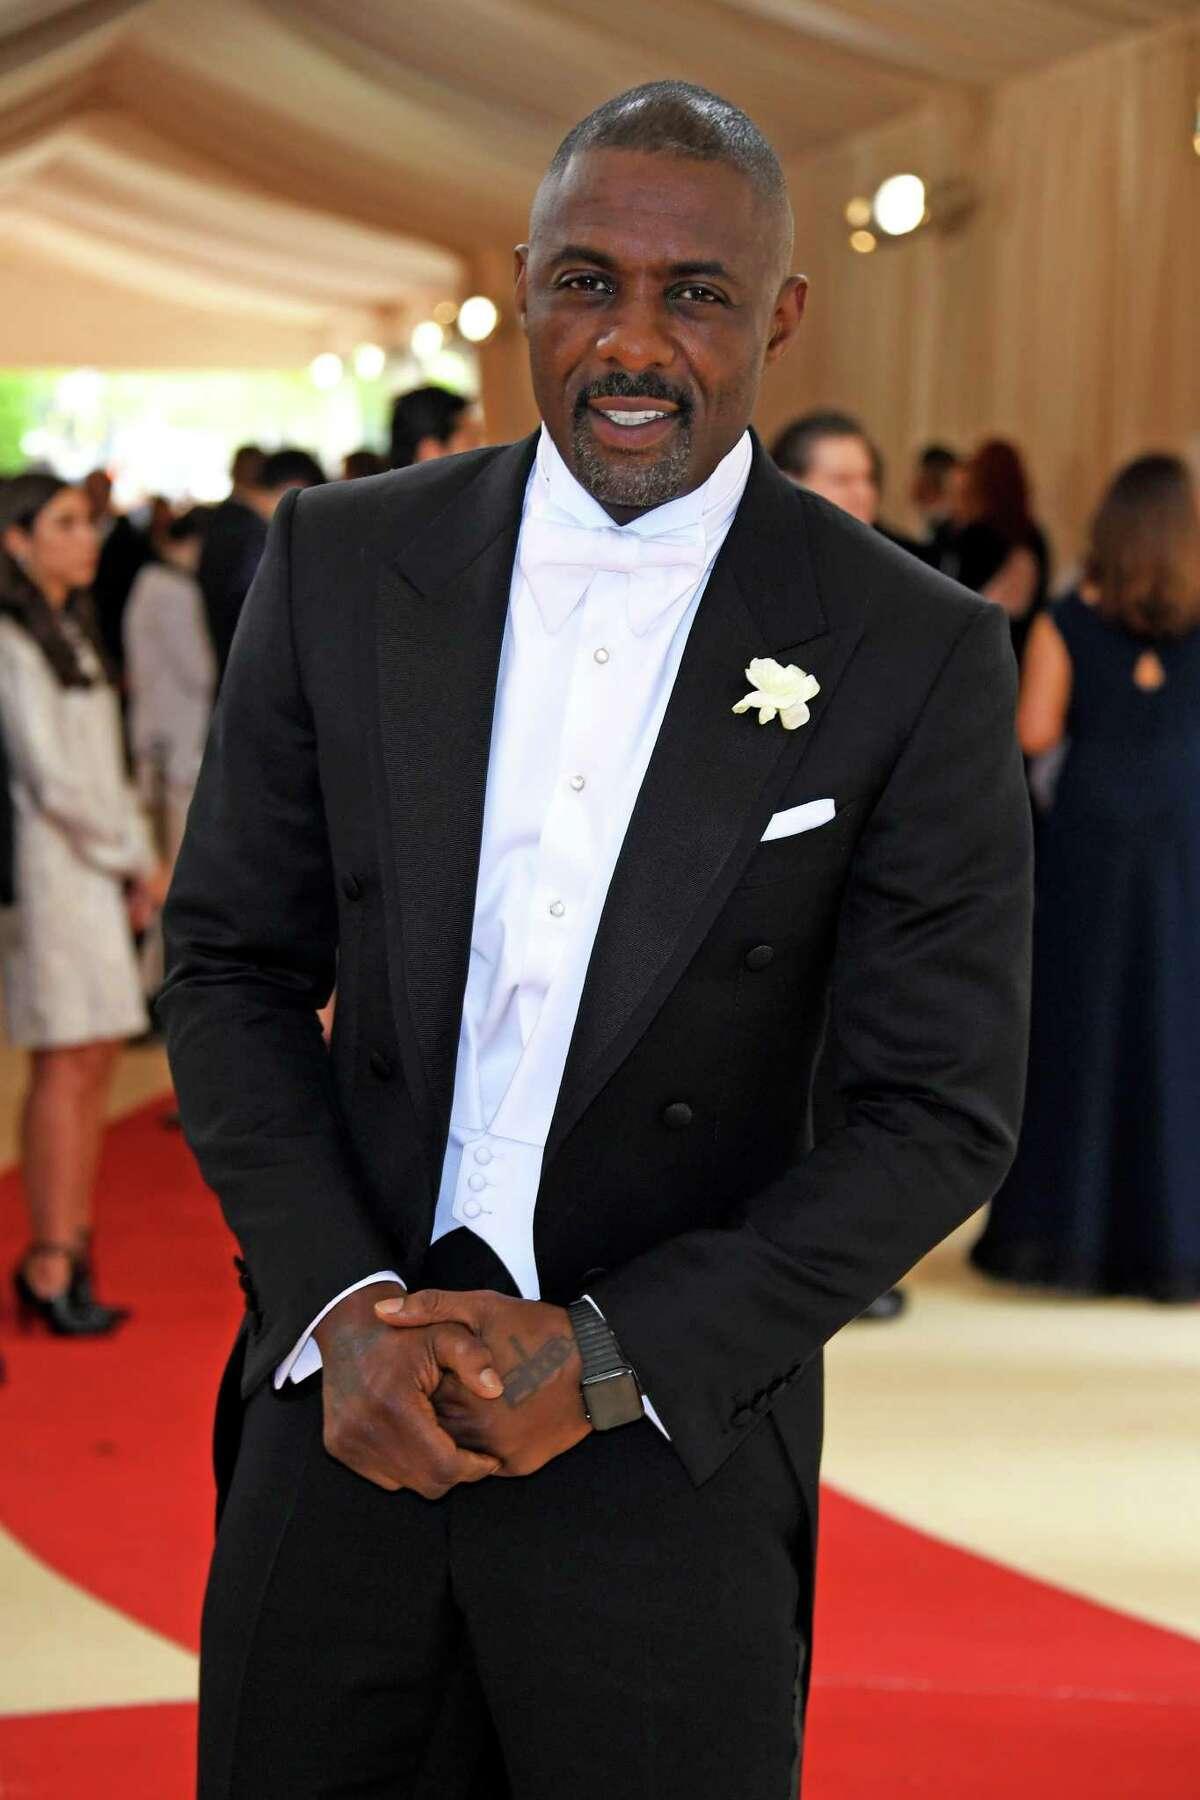 Idris Elba, actor